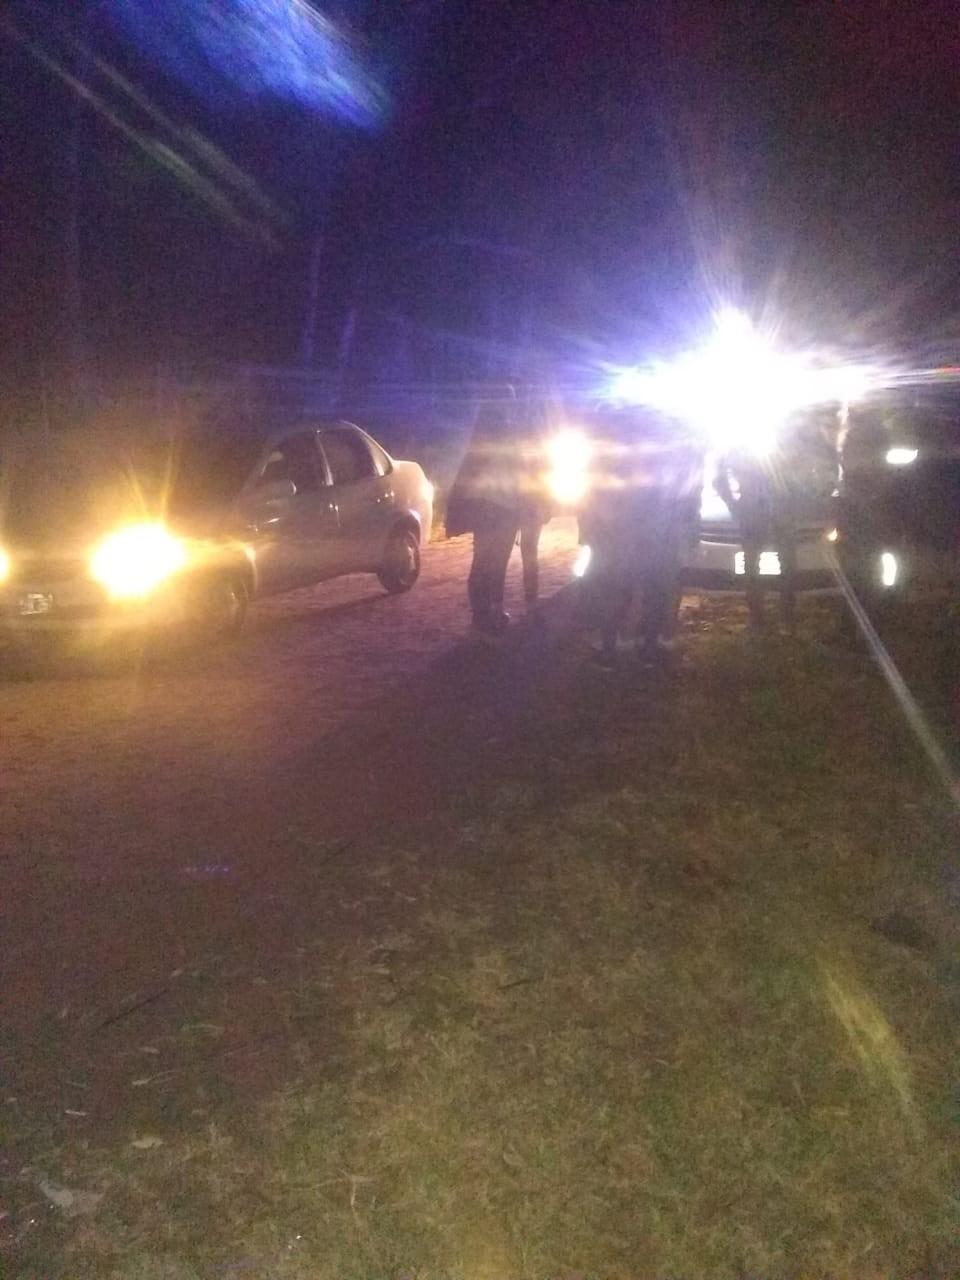 Desactivaron 3 fiestas  clandestinas en Bolívar y 1 en Urdampilleta. Además, clausuraron un local que no respetó el cupo de asistentes